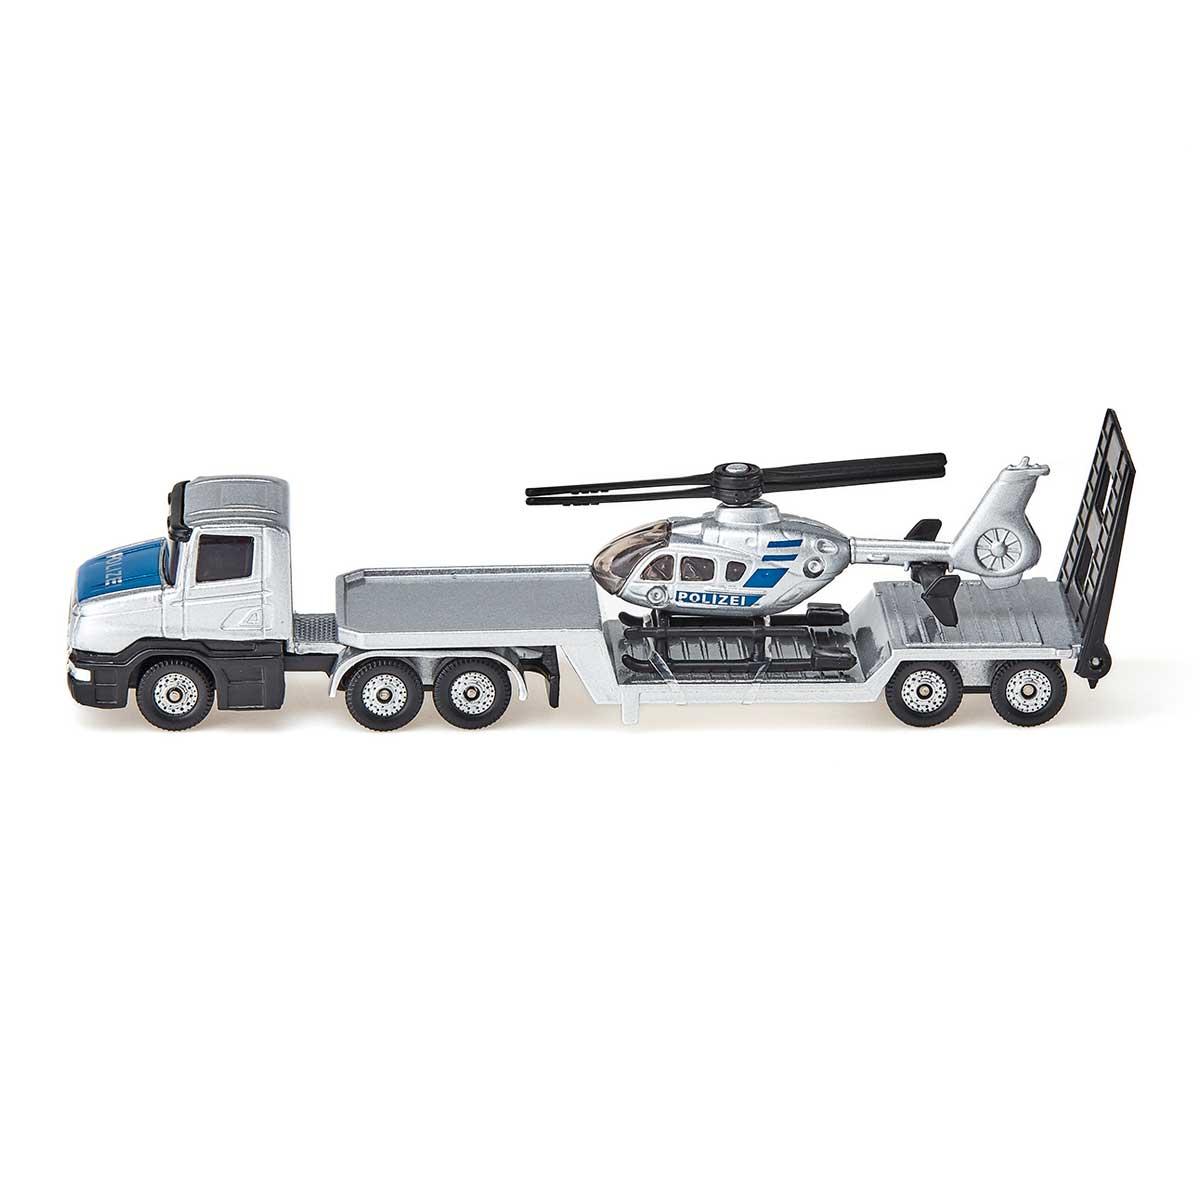 ヘリコプター輸送トレーラー(ジク・SIKU)